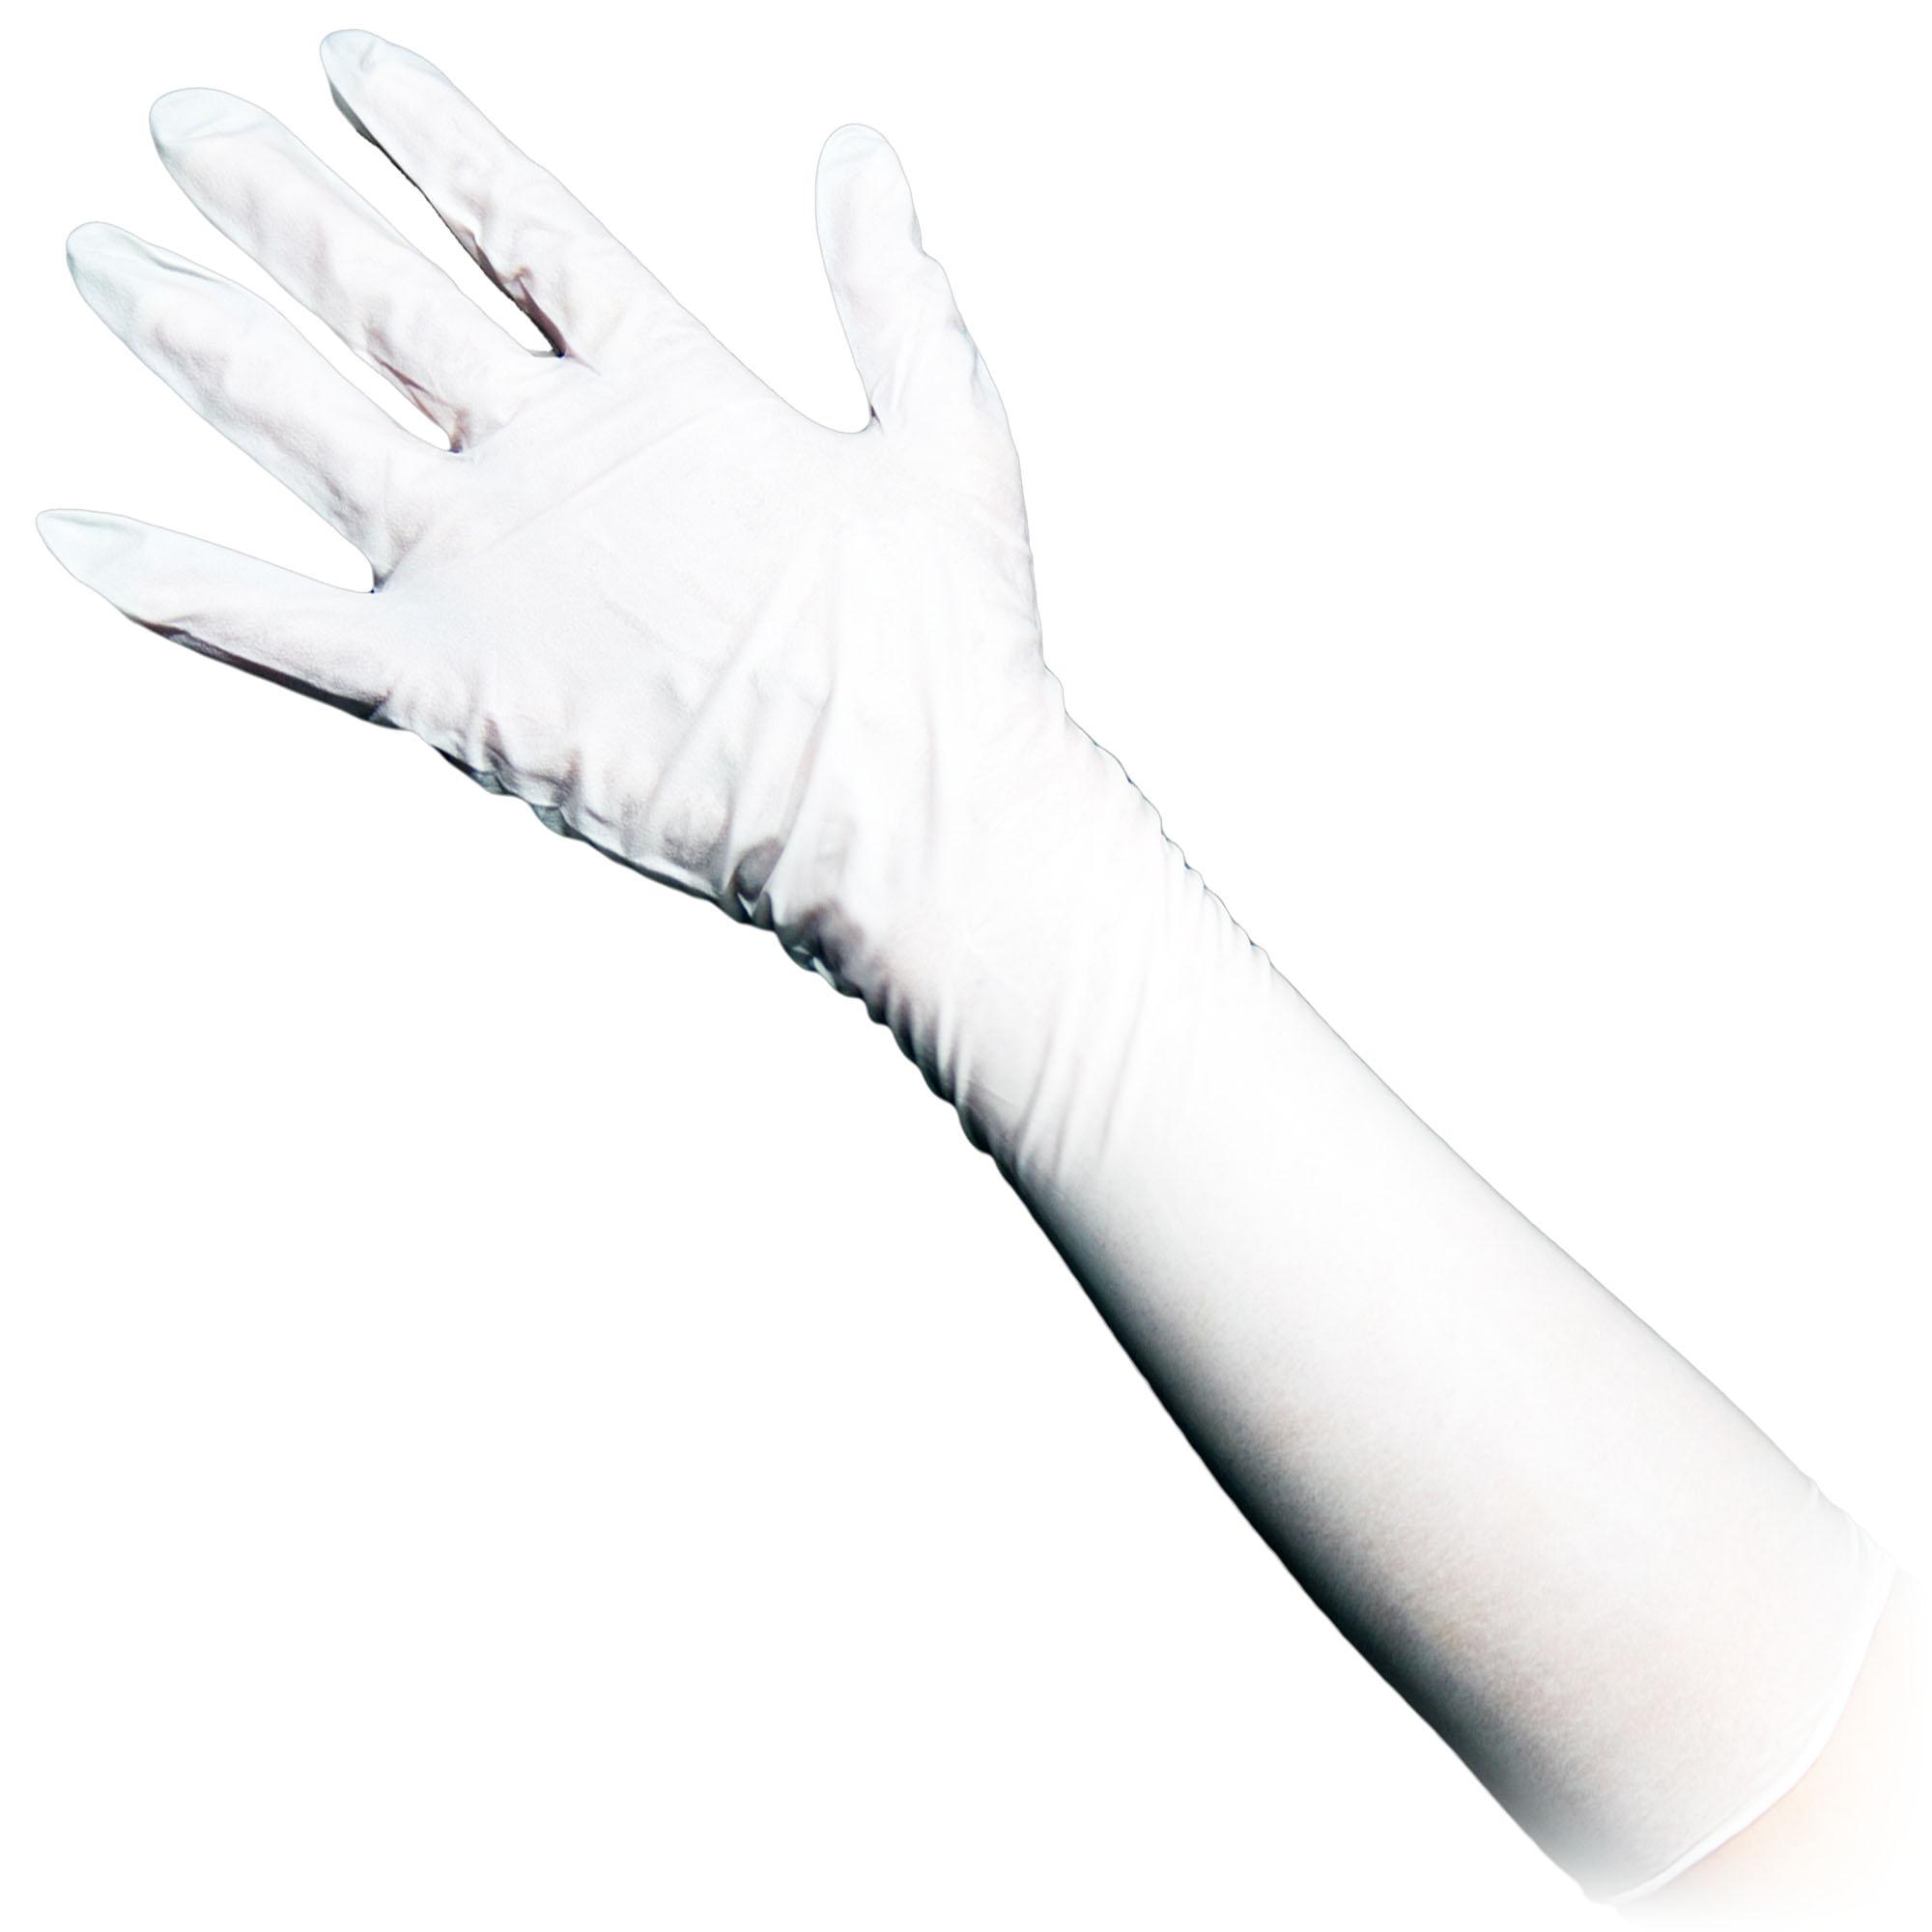 Schutzhandschuhe Image